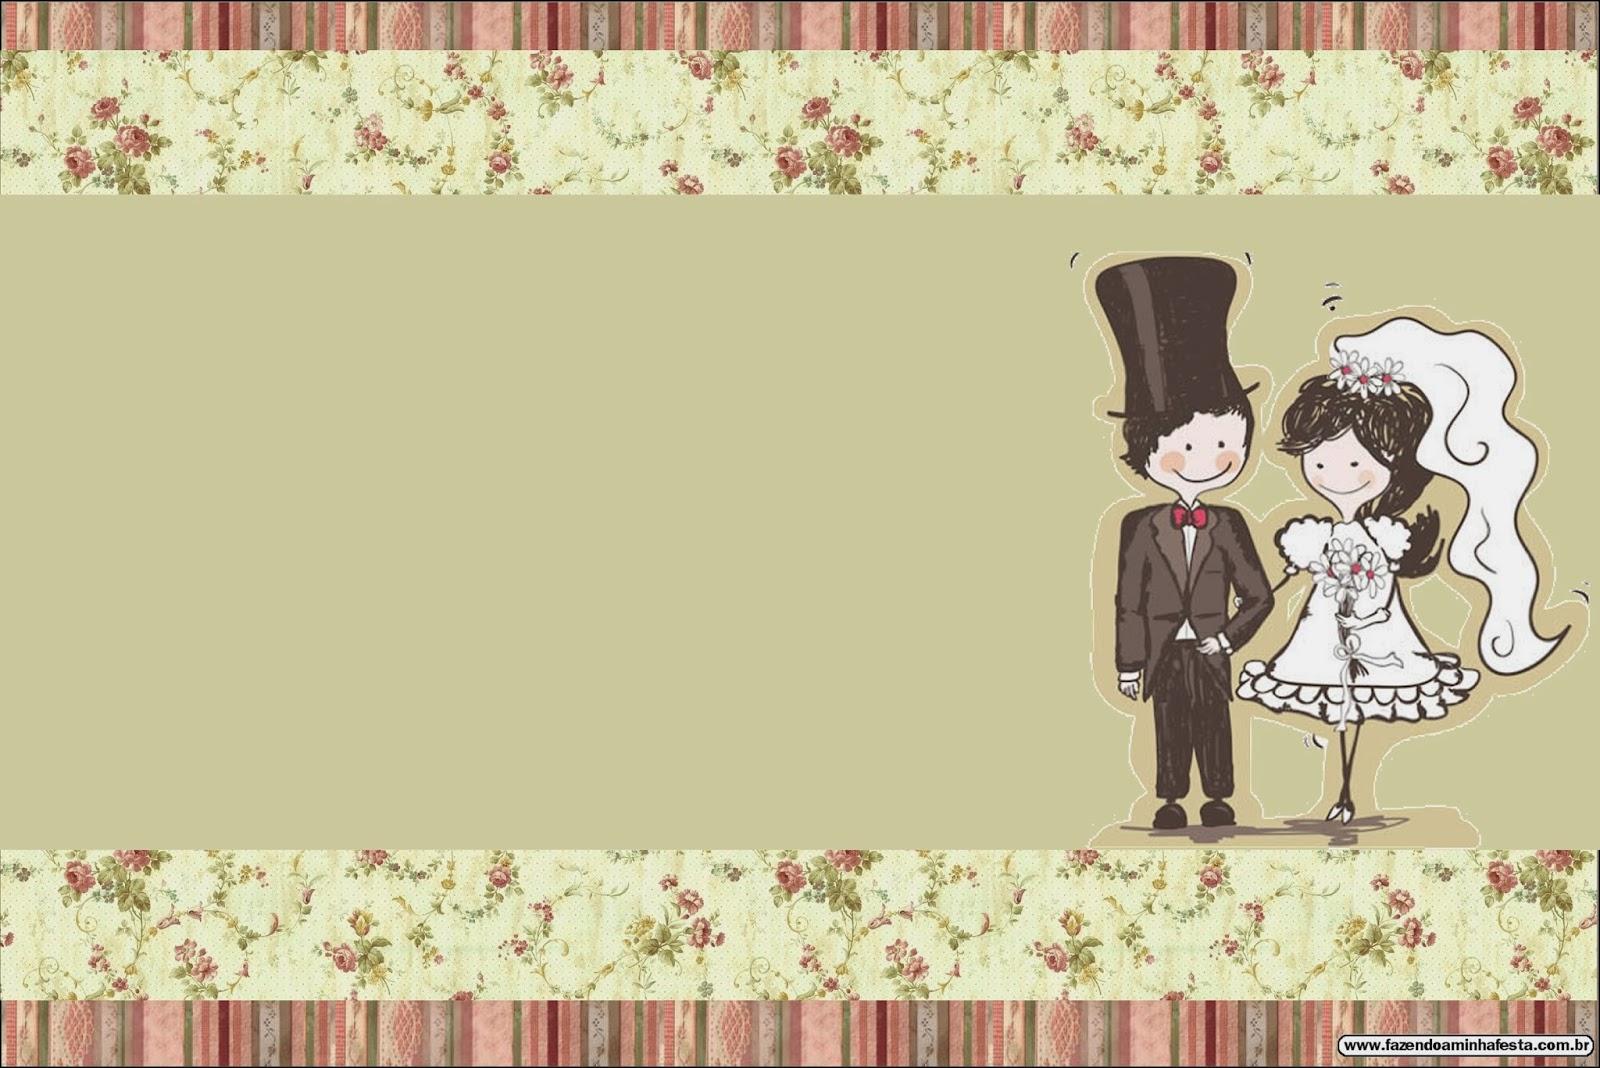 Bodas pareja con fondo provenzal tarjetas o invitaciones para imprimir gratis ideas y - Adornos para fotos gratis ...